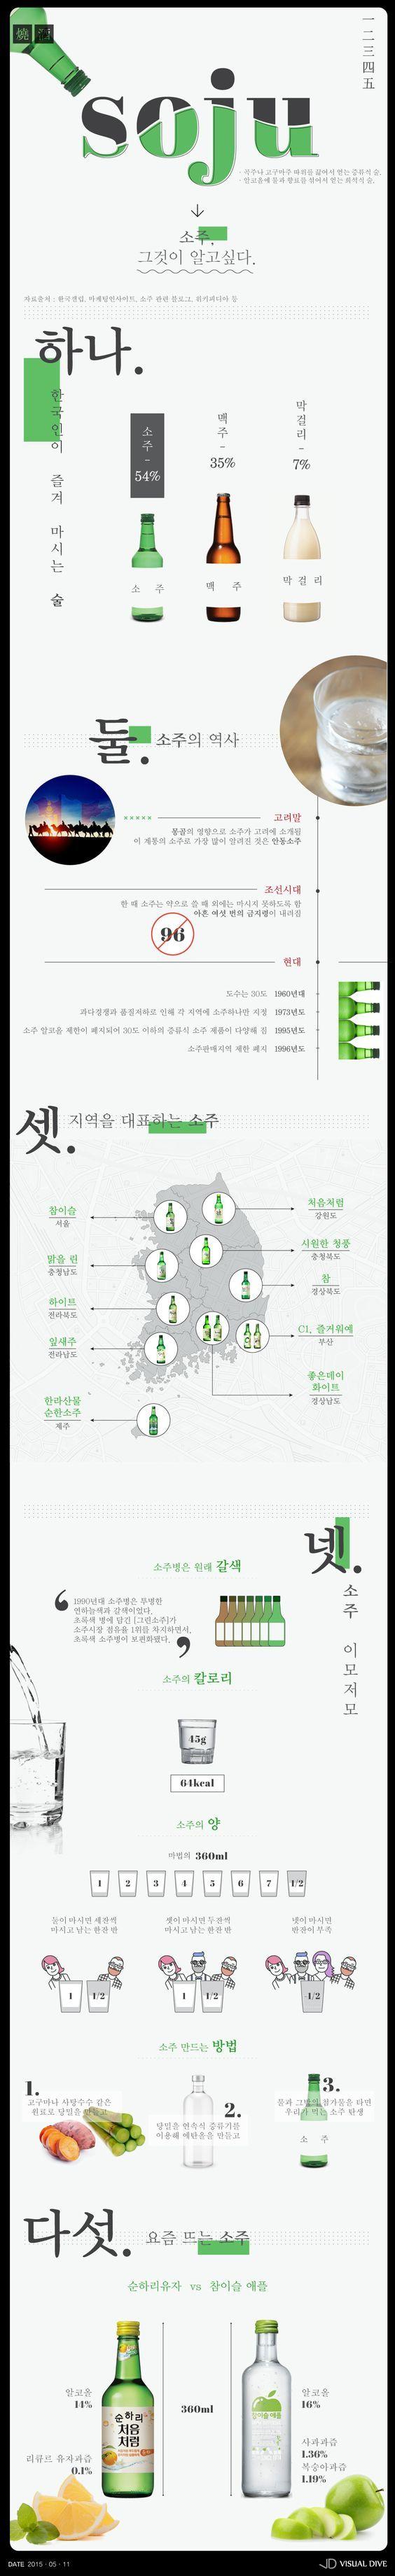 기쁨도 슬픔도 45g 한 잔이면 충분…한국인들의 국민 술 '소주' 전격 탐구 [인포그래픽] #Soju / #Infographic ⓒ 비주얼다이브 무단 복사·전재·재배포 금지: